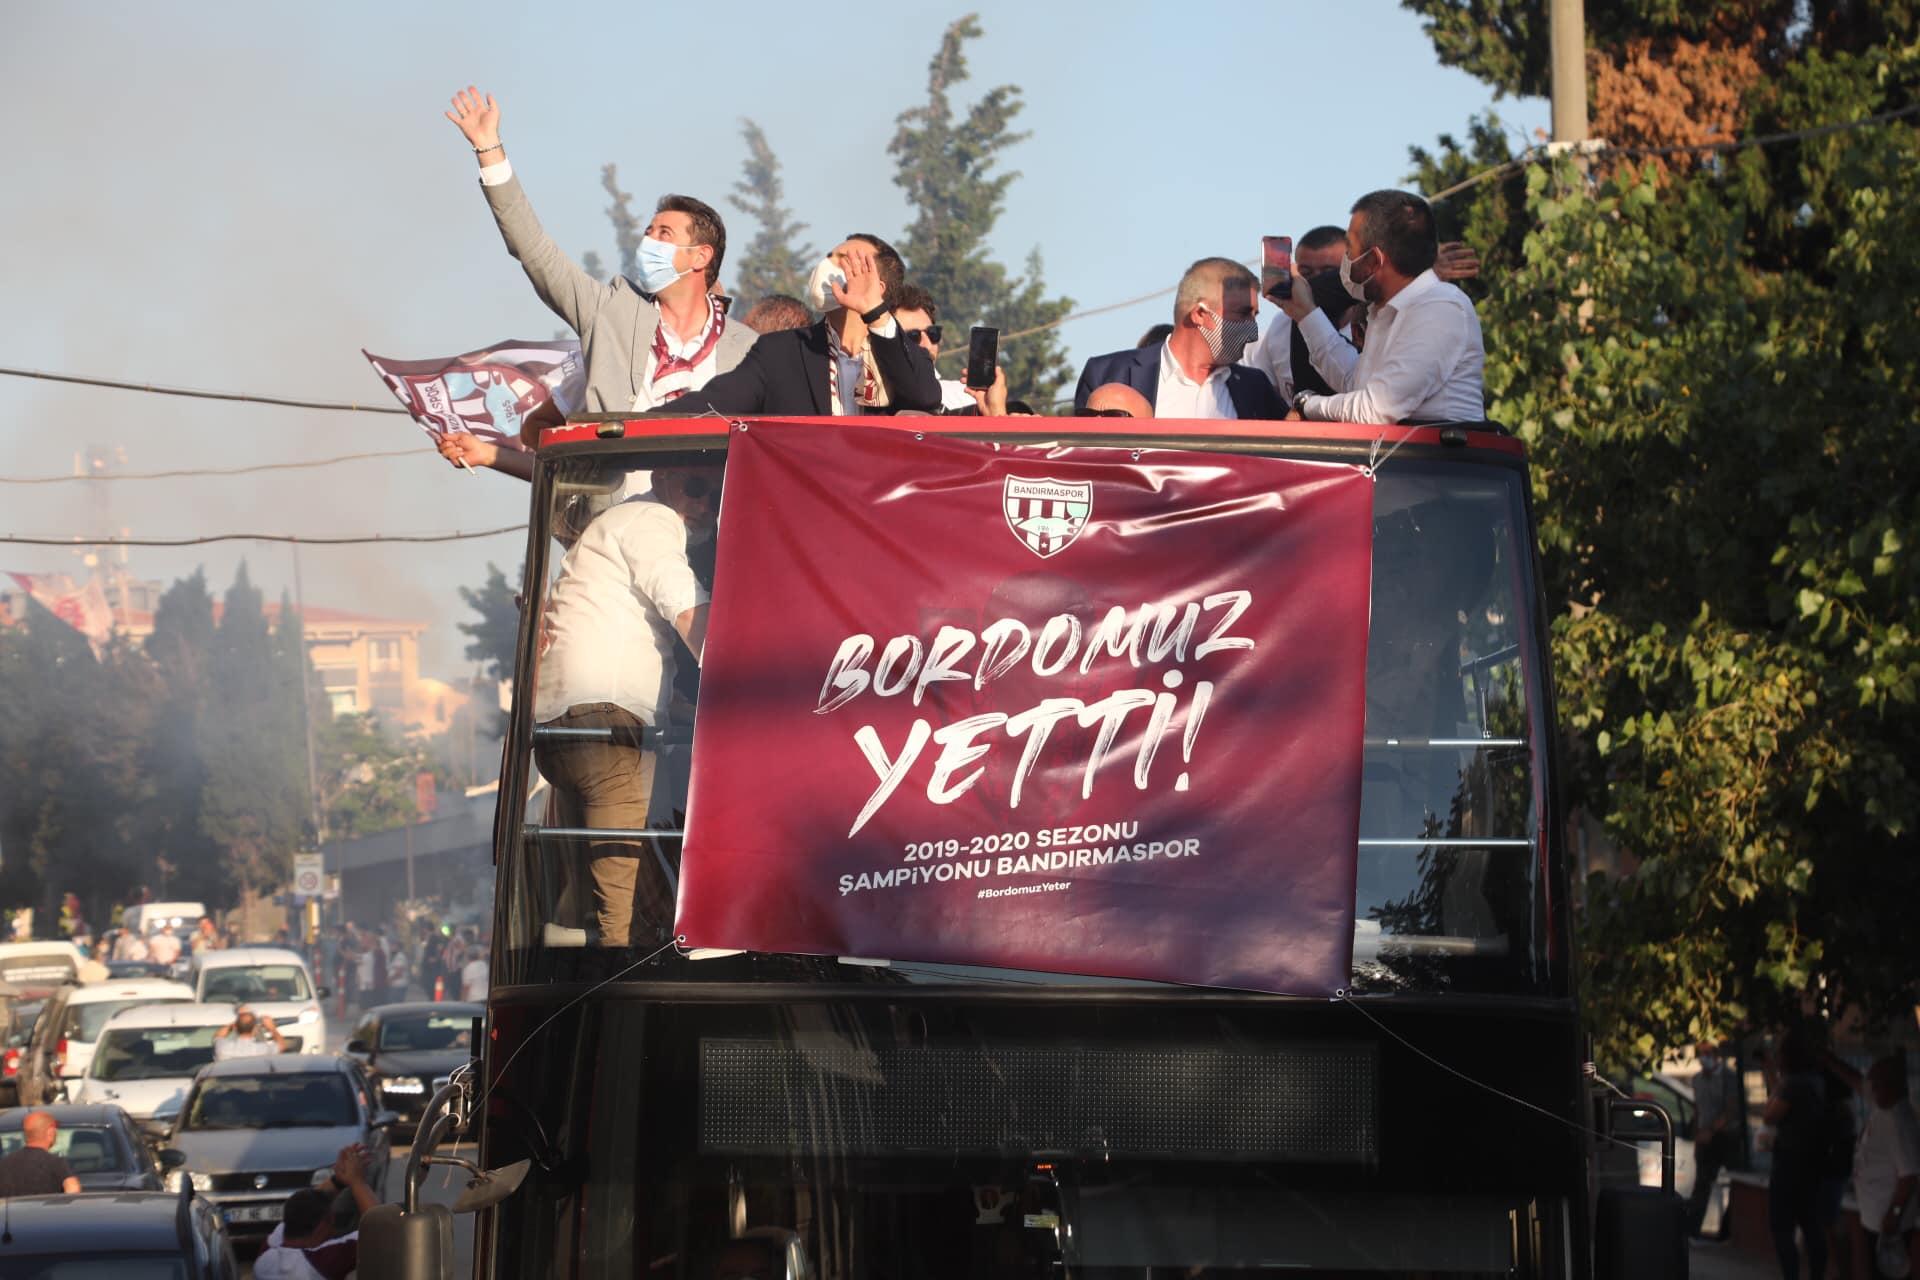 BANDIRMASPOR'DA ŞAMPİYONLUK COŞKUSU